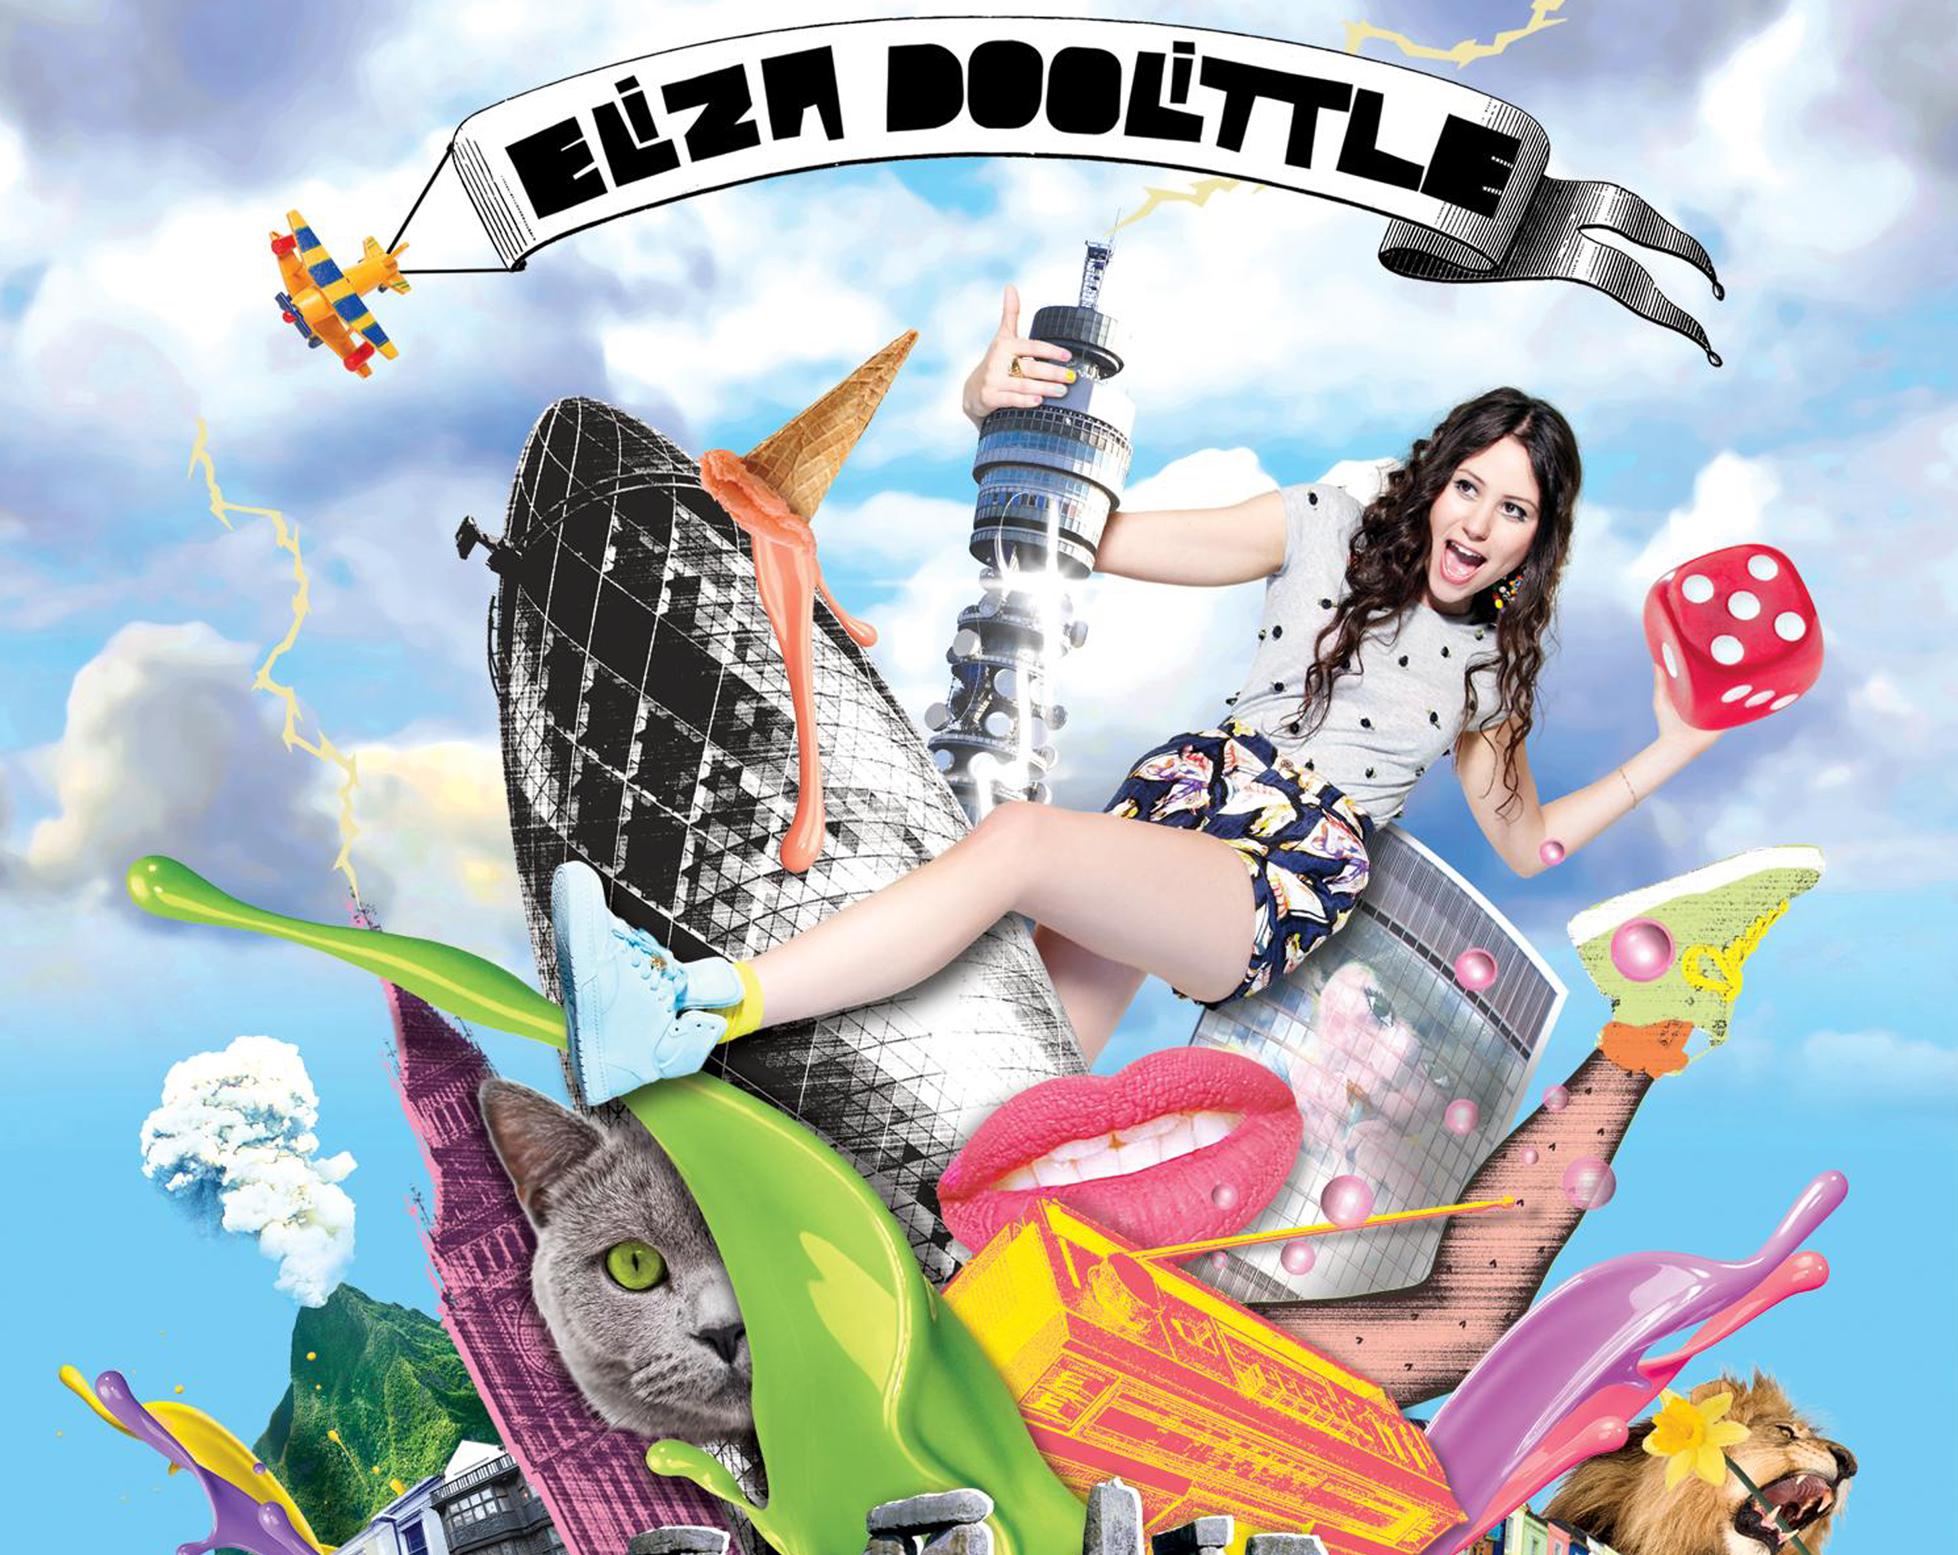 Zik : Eliza Doolittle